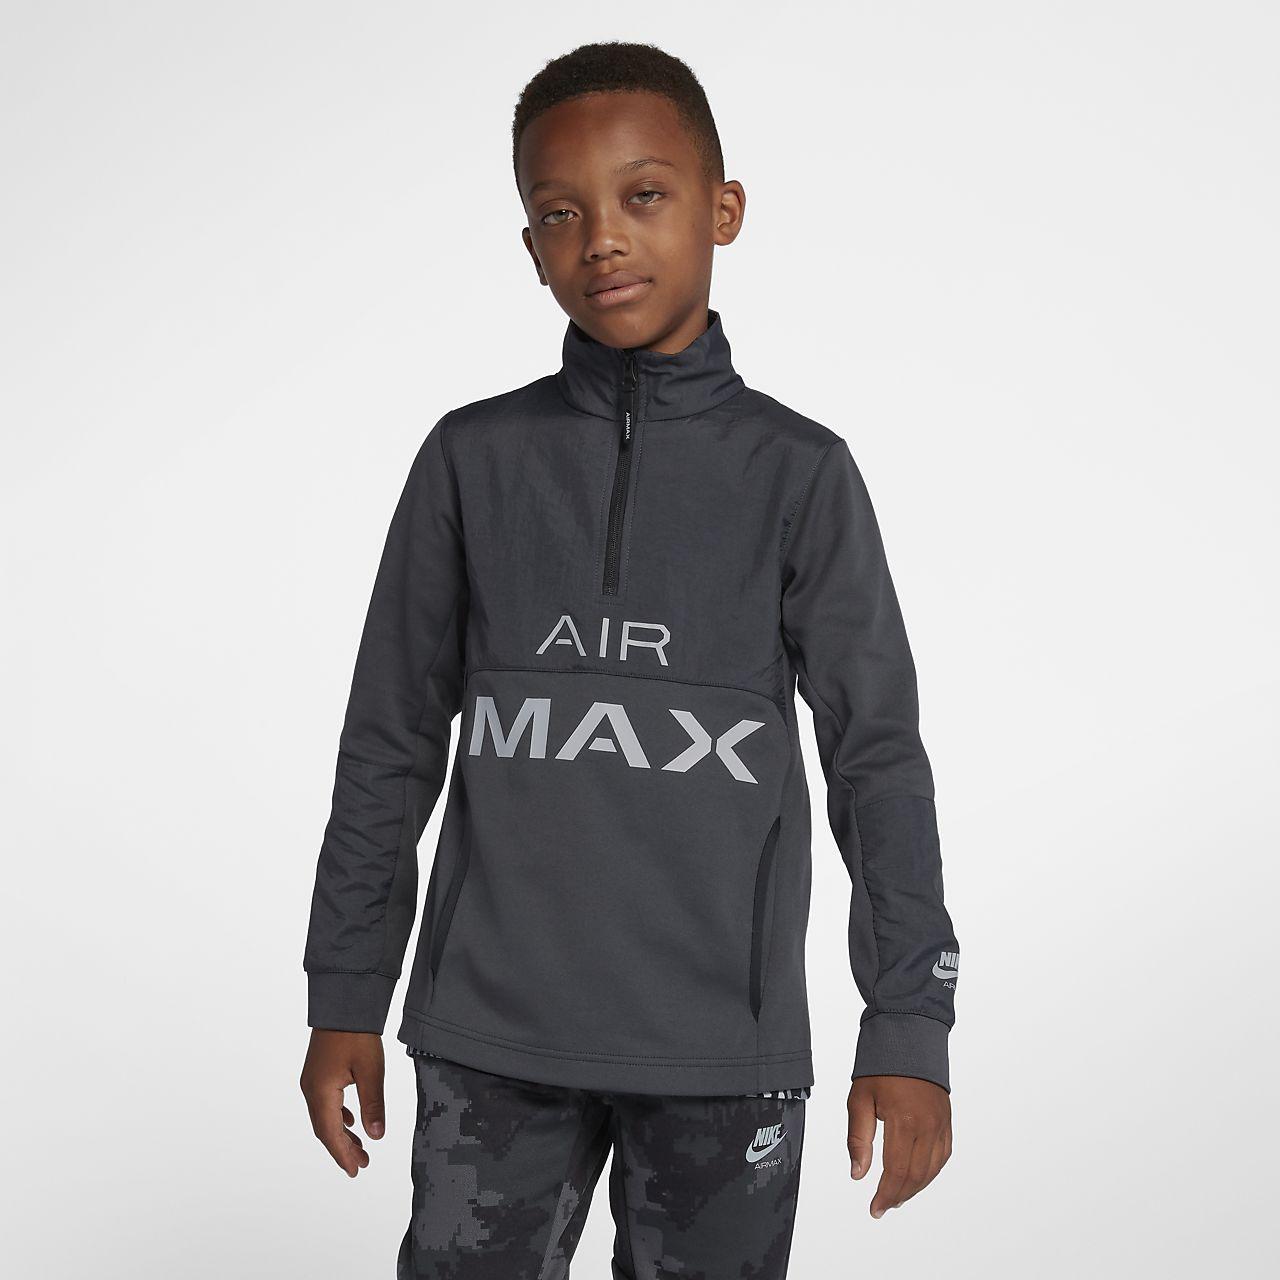 2cc6b2ede76 Veste de survêtement Nike Air Max pour Garçon plus âgé. Nike.com CA